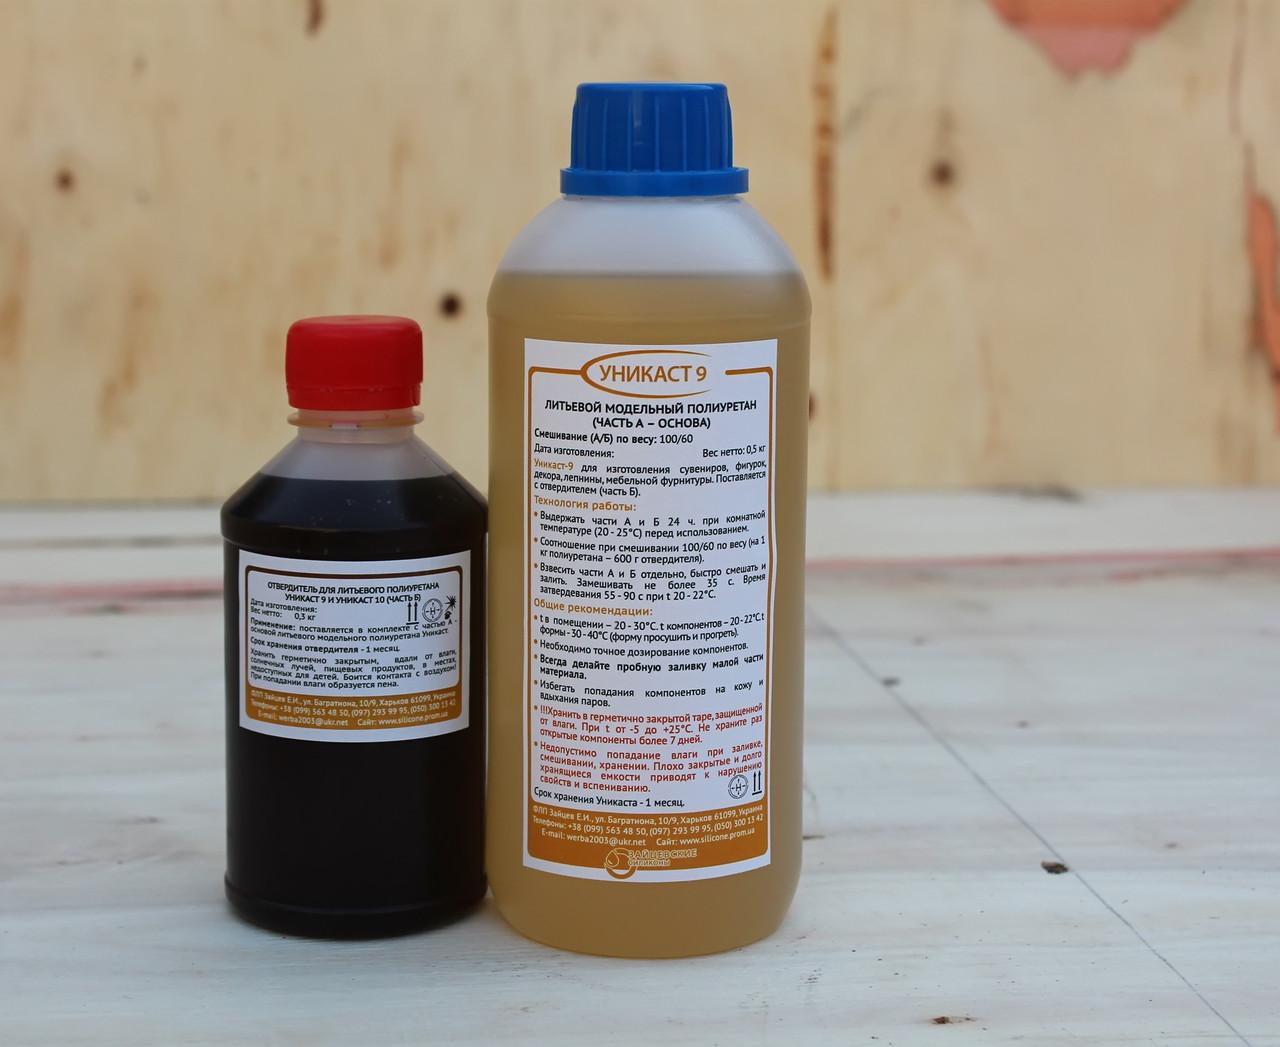 Полиуретан литьевой и жидкий пластик для изготовления сувениров ... f42f8698c1e